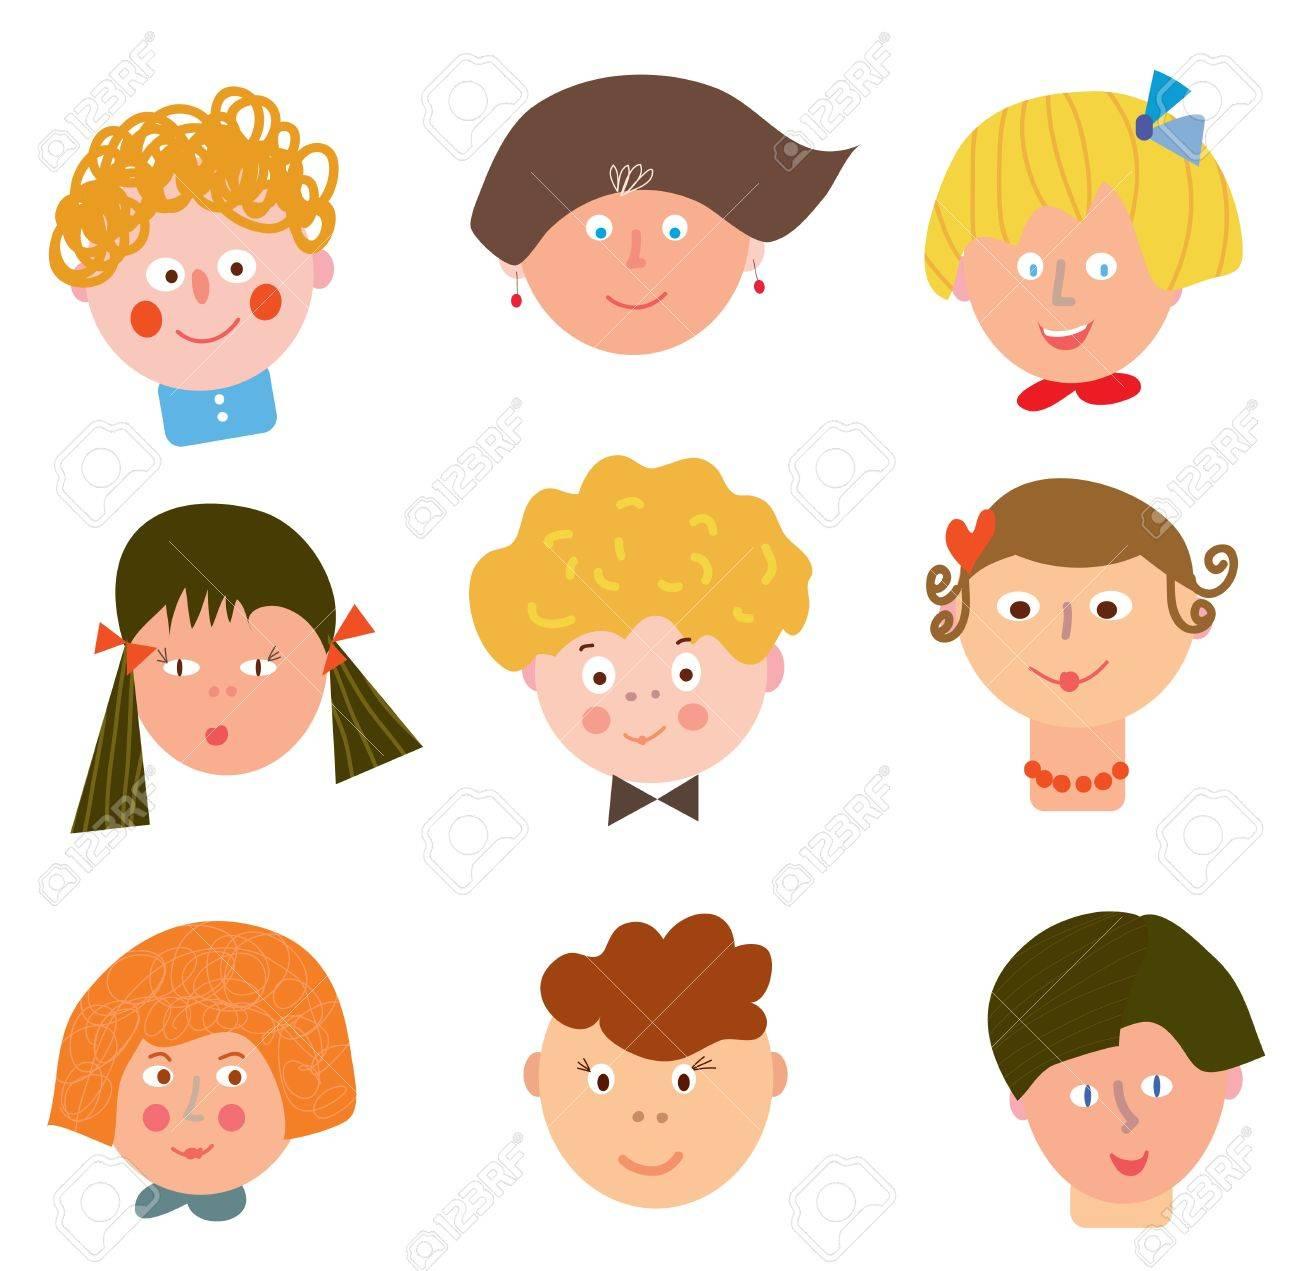 children funny faces set cartoons royalty free cliparts vectors